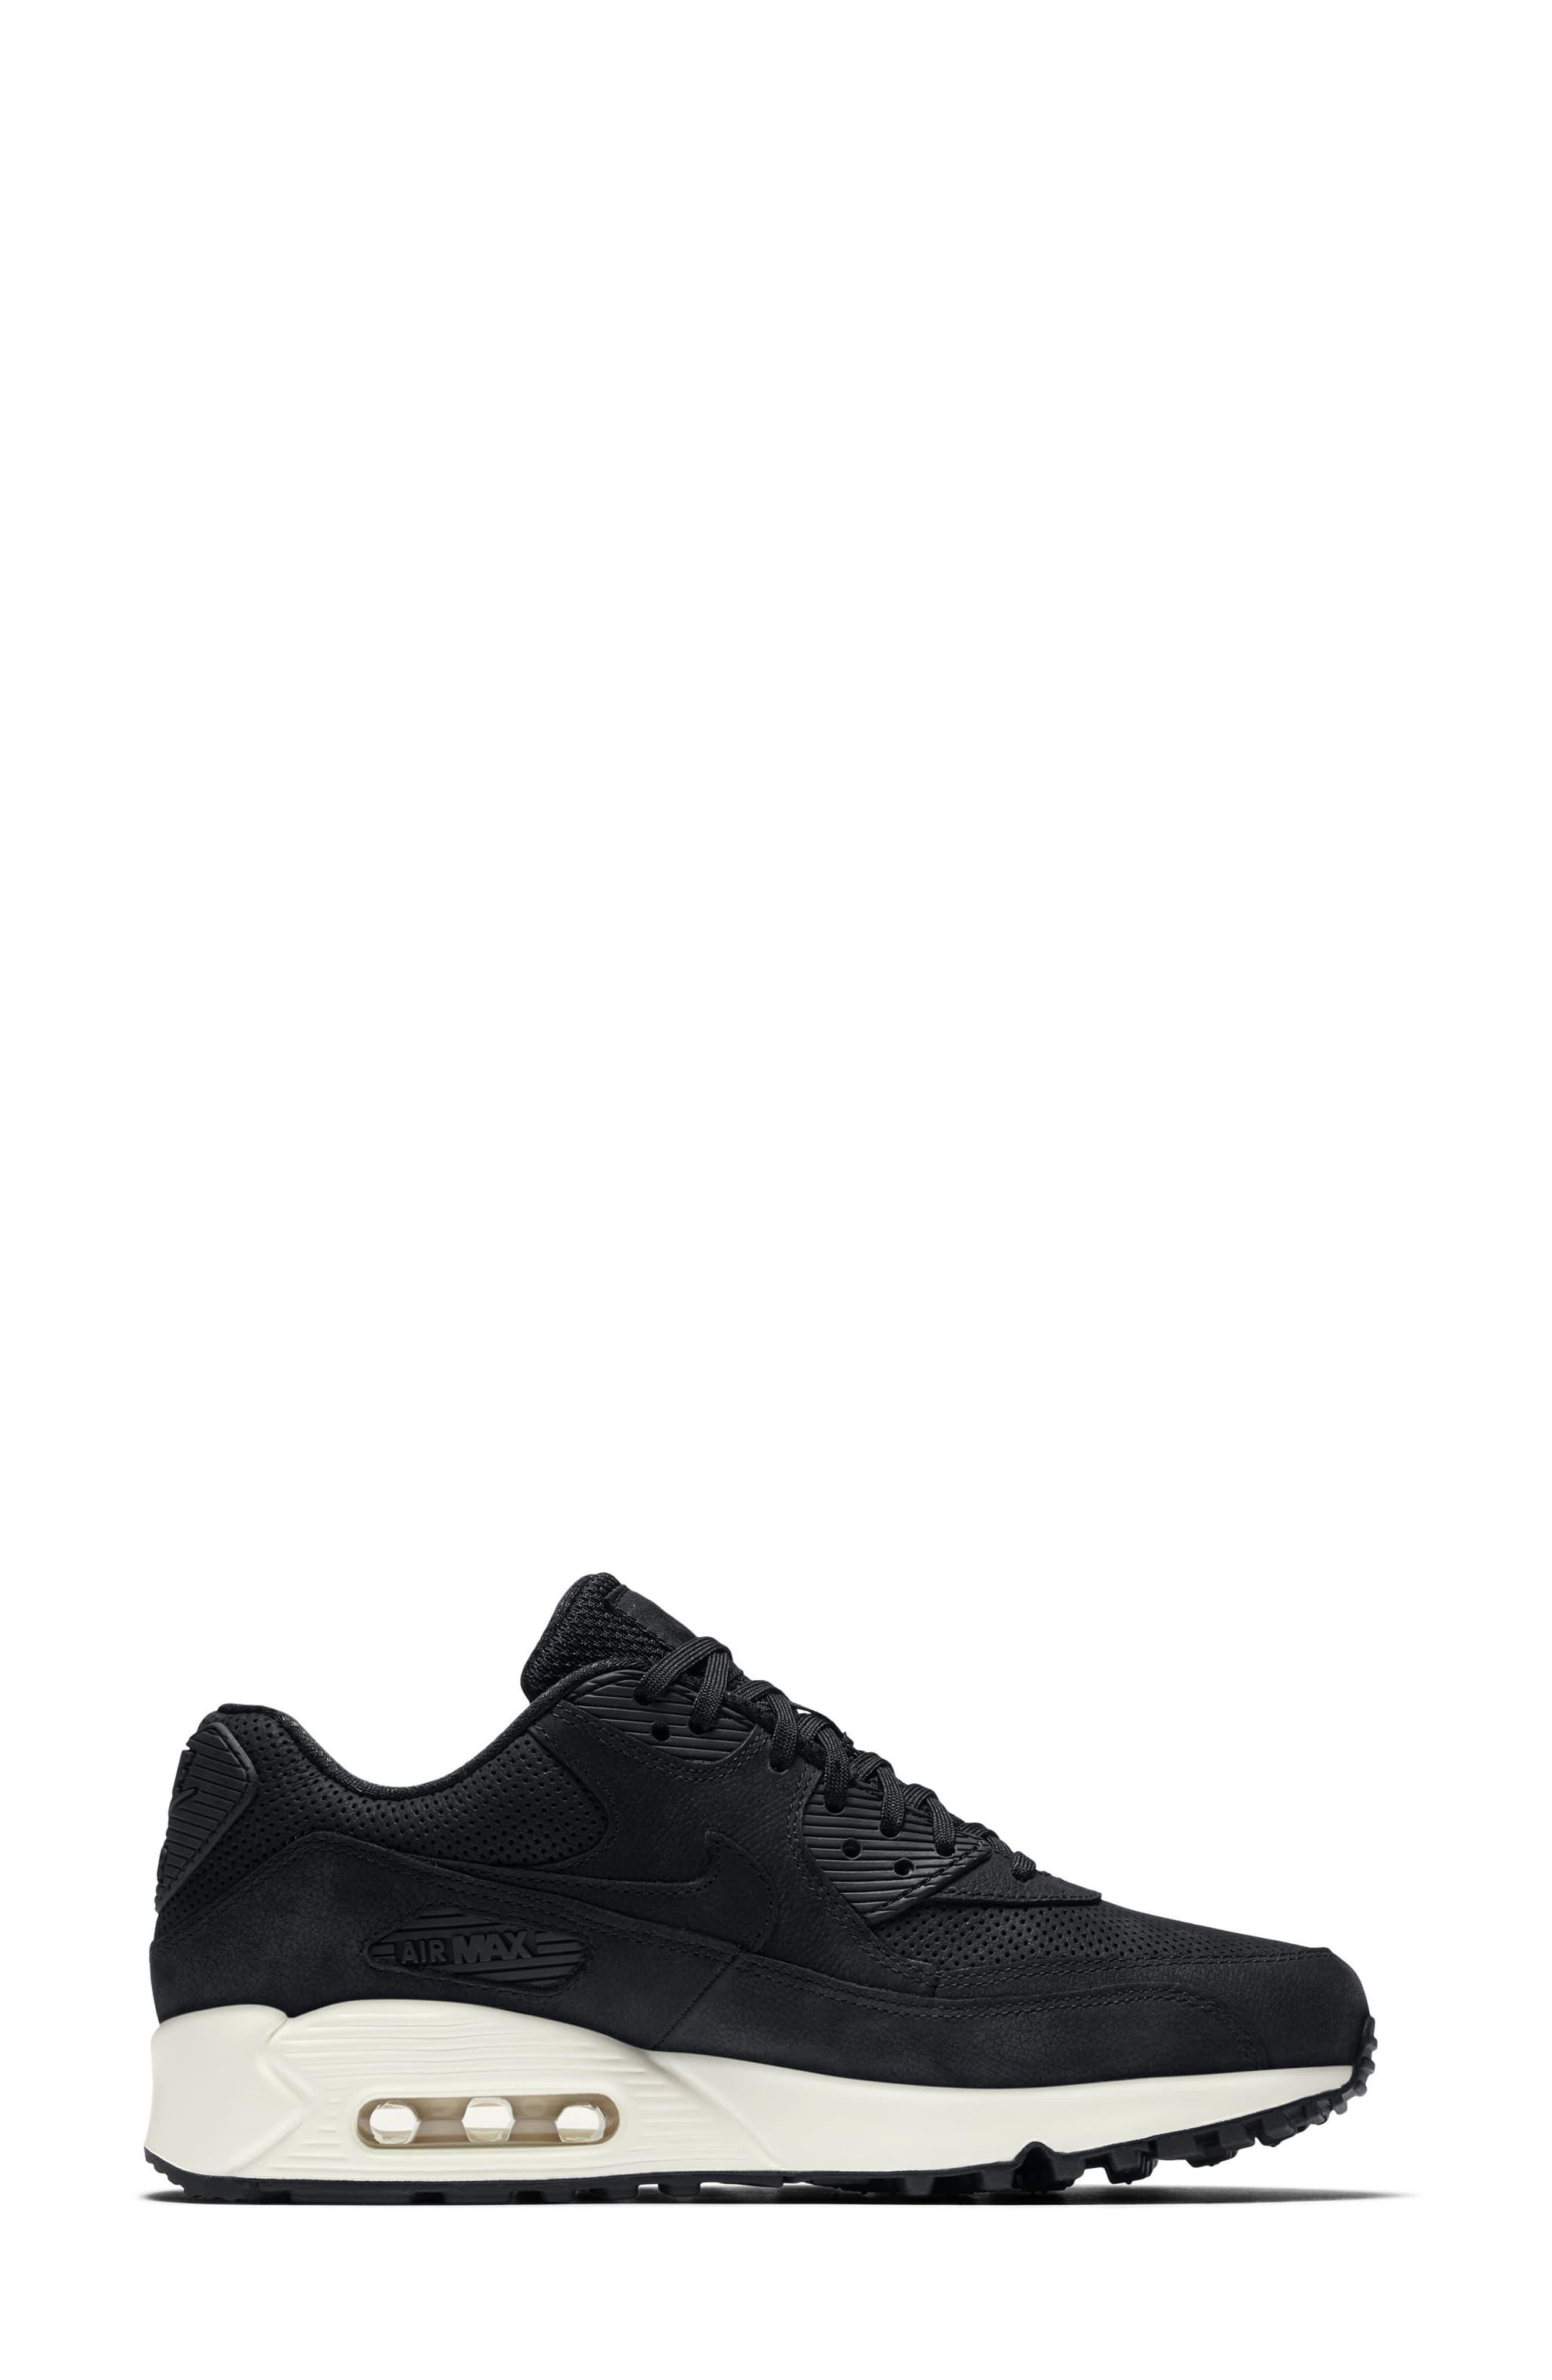 Air Max 90 Pinnacle Sneaker,                             Alternate thumbnail 3, color,                             006